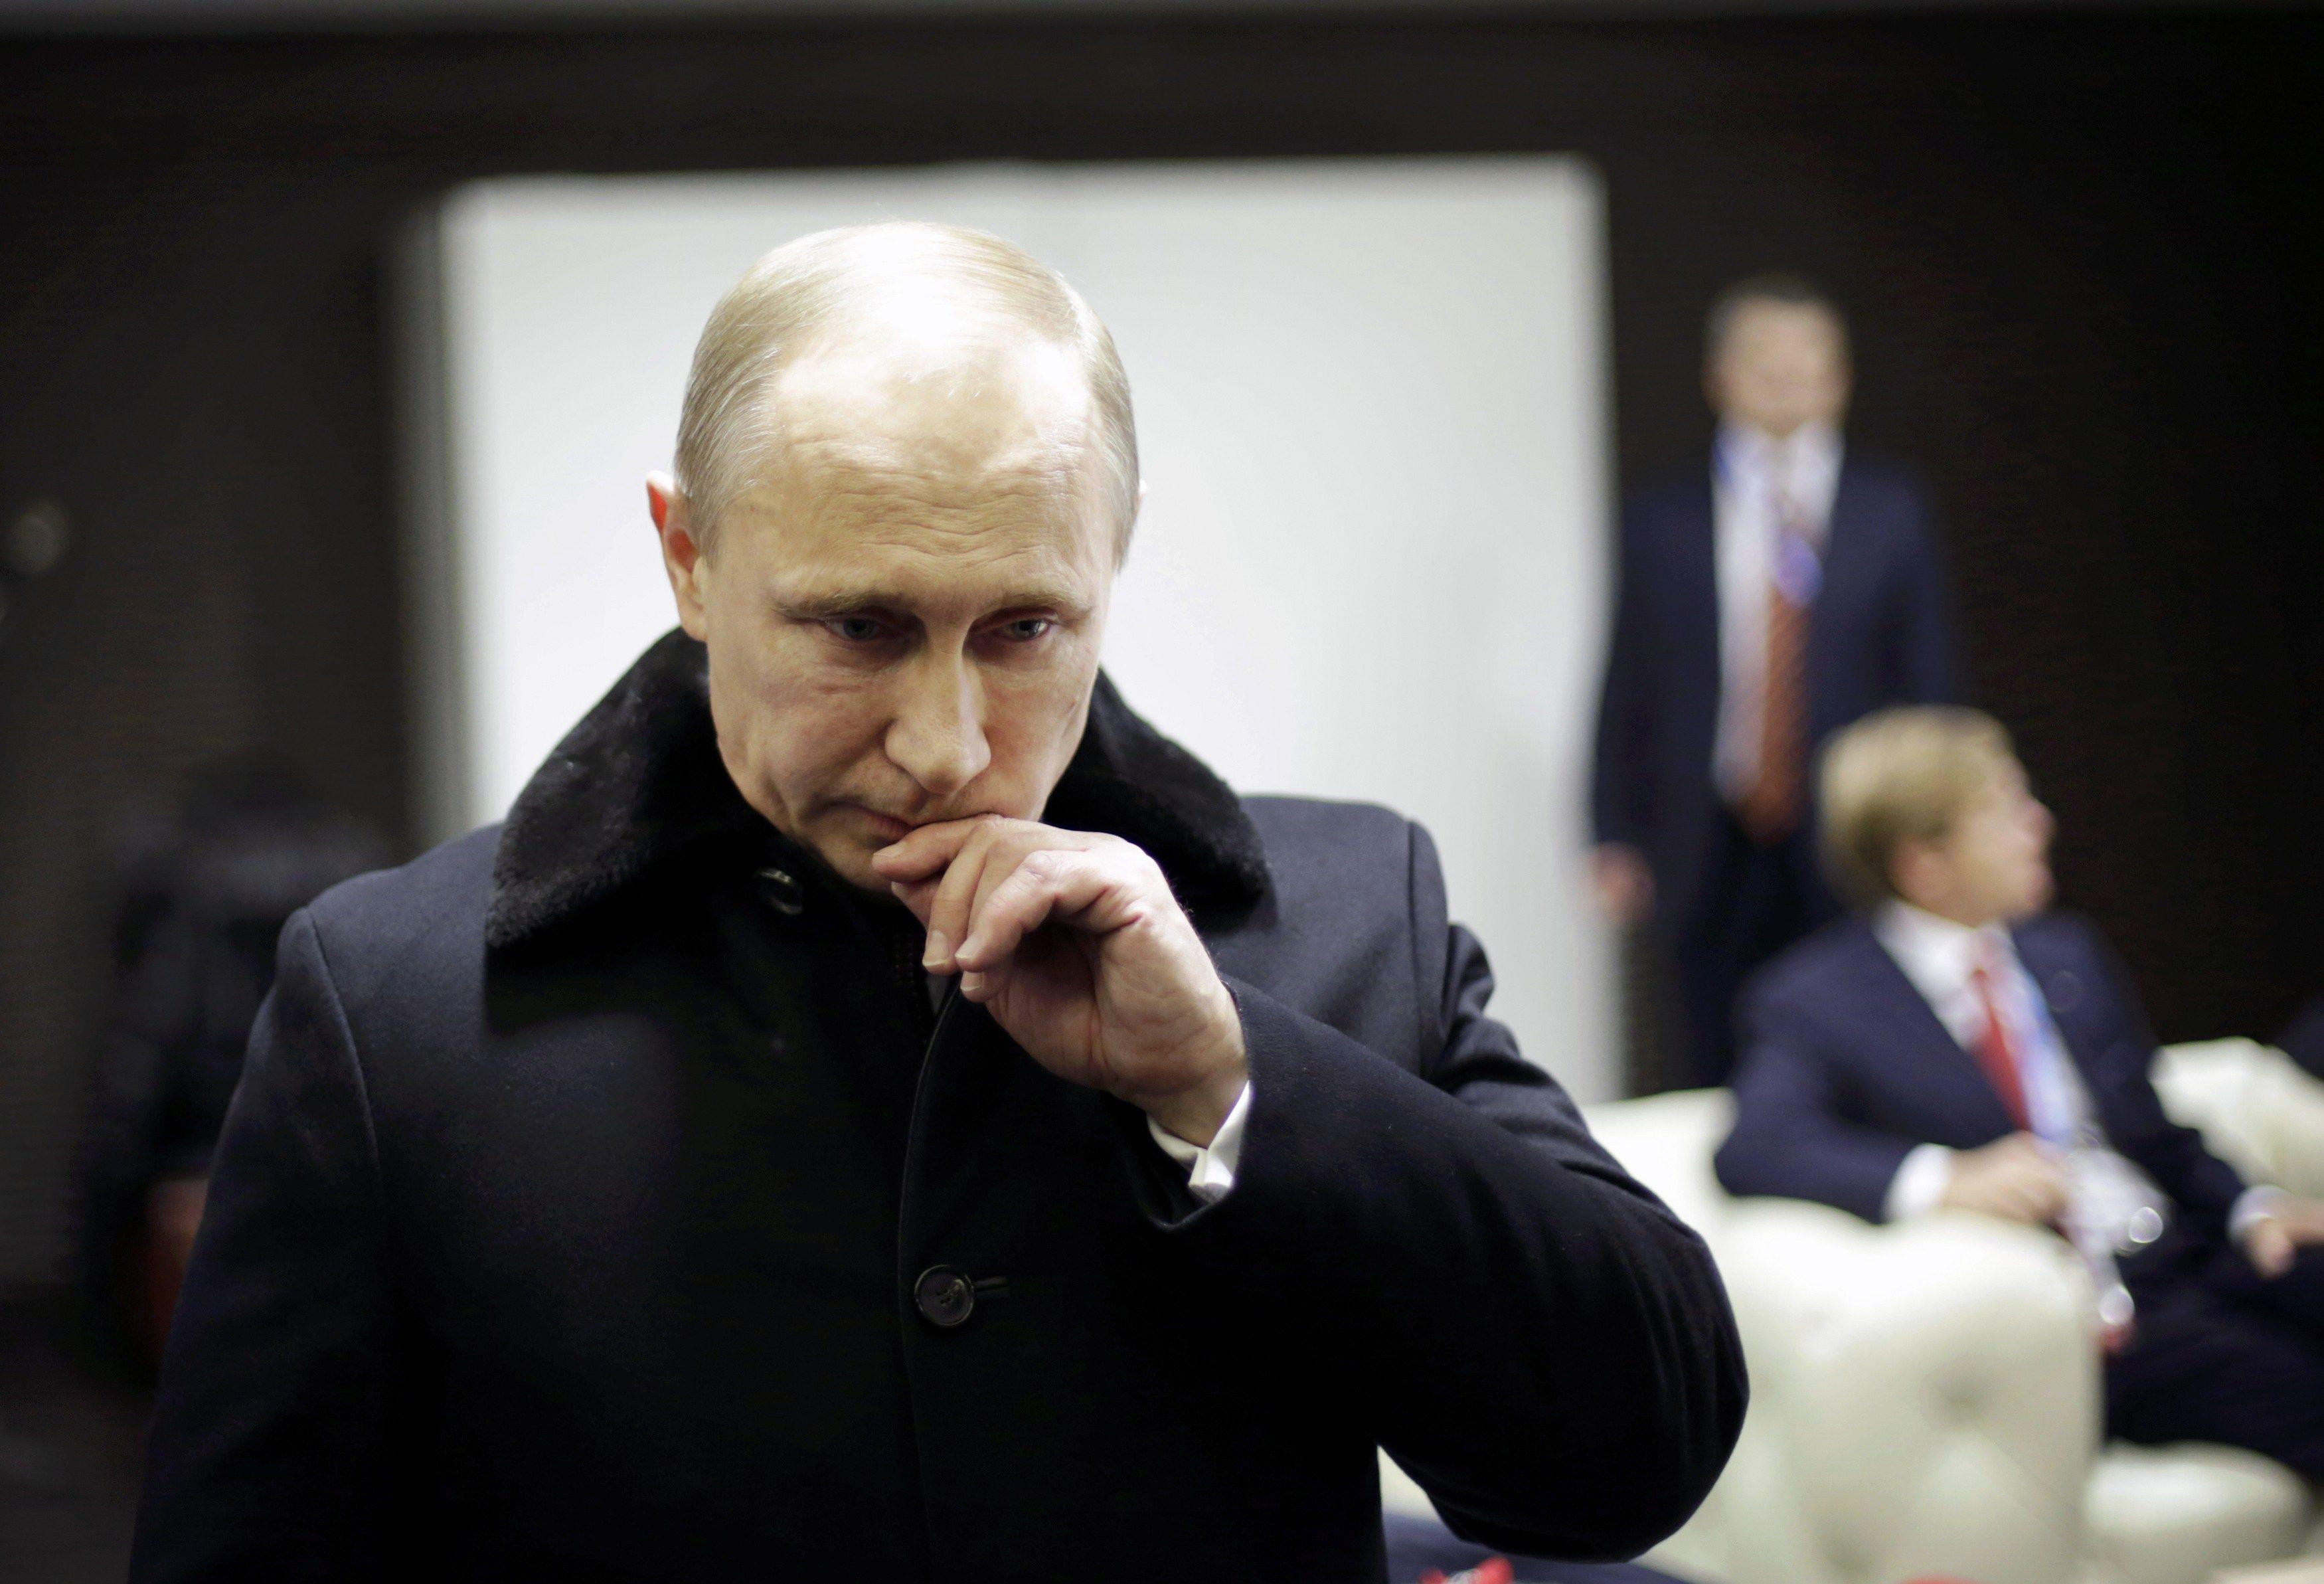 У Путина есть проблемы посерьезнее, чем санкции